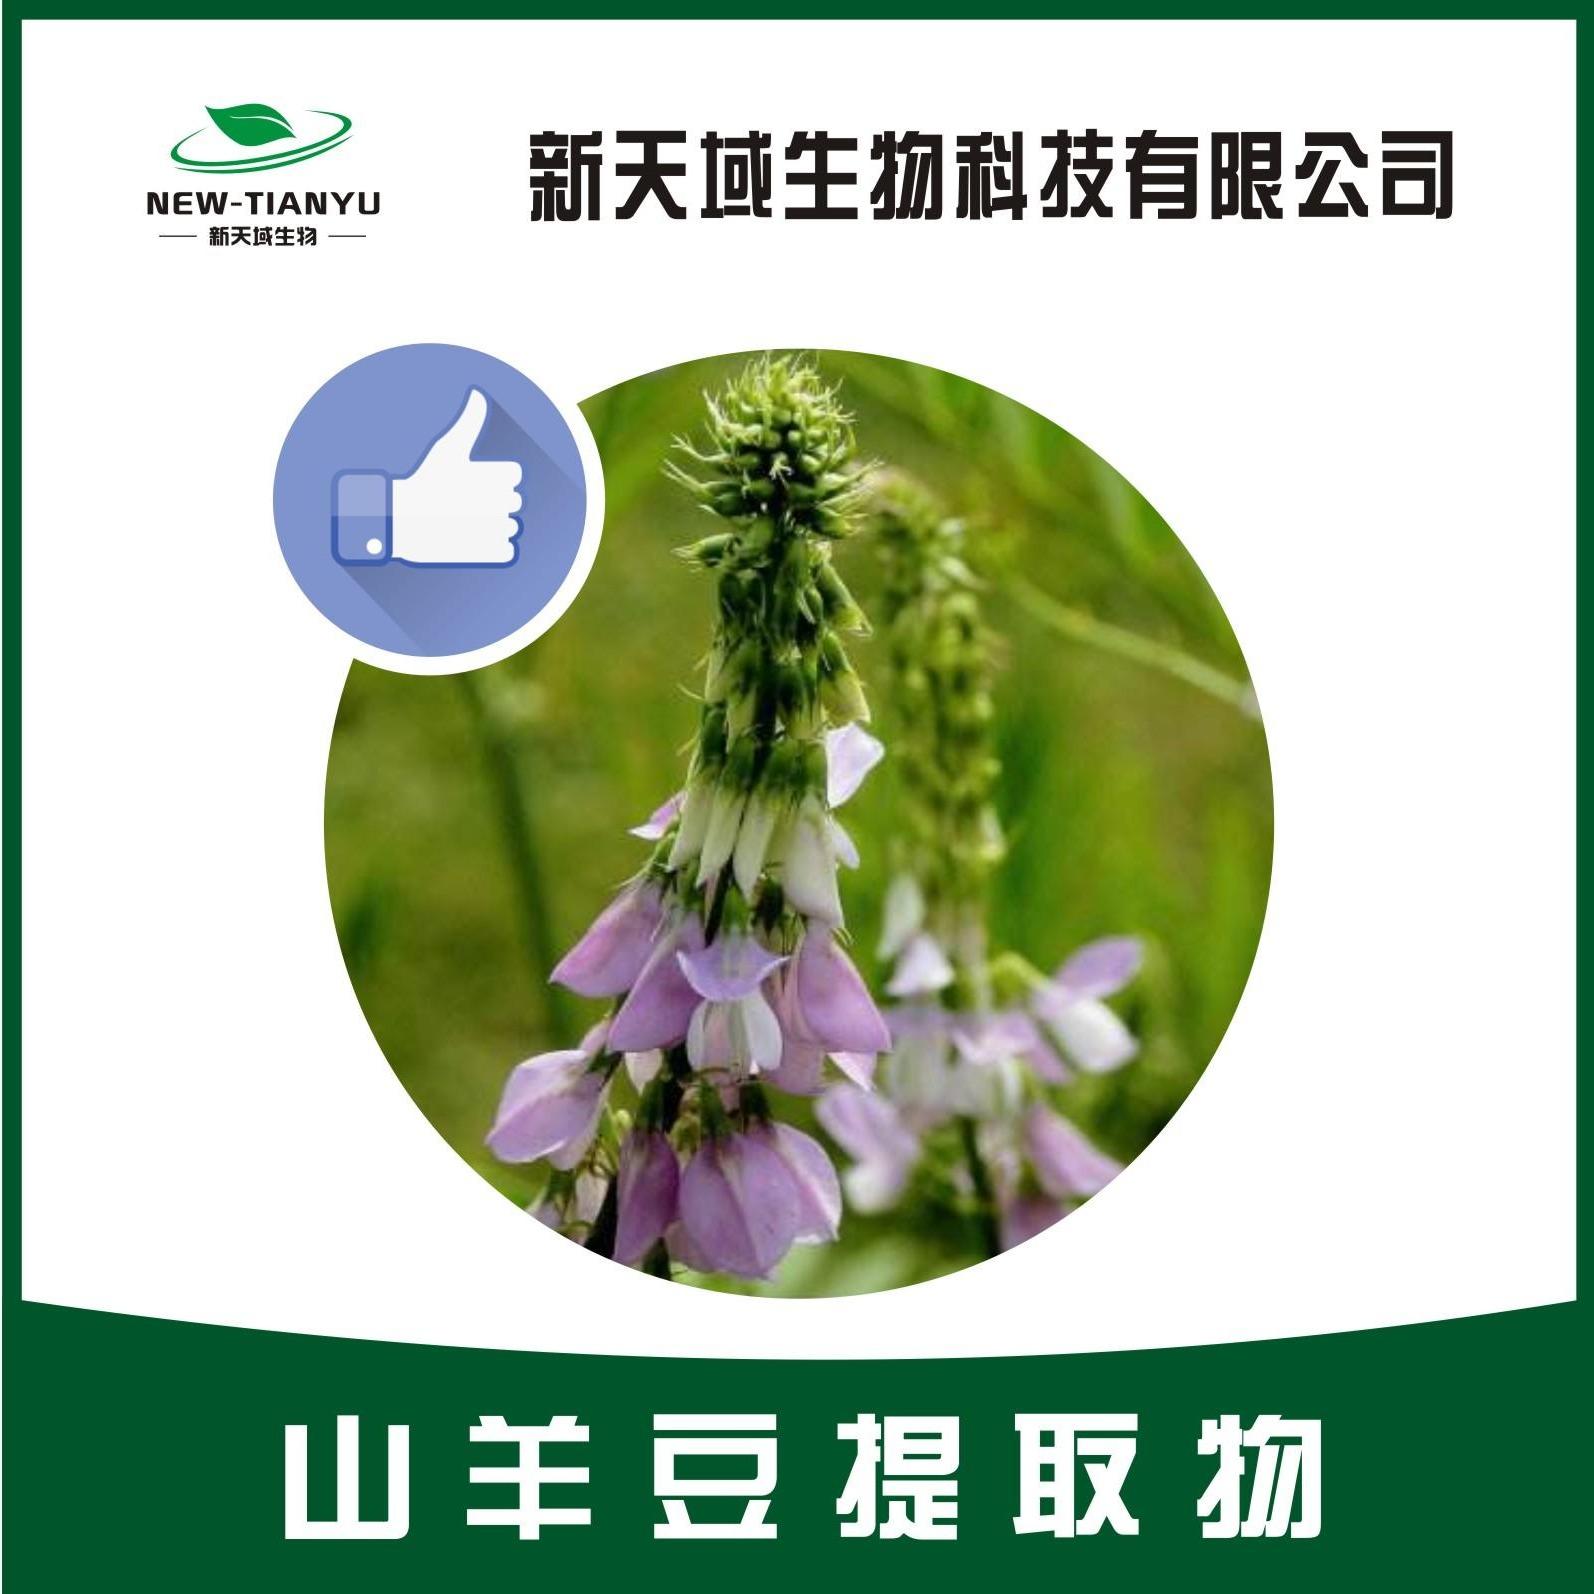 陕西新天域生物  现货供应 山羊豆提取物 山羊豆浓缩喷雾干燥粉